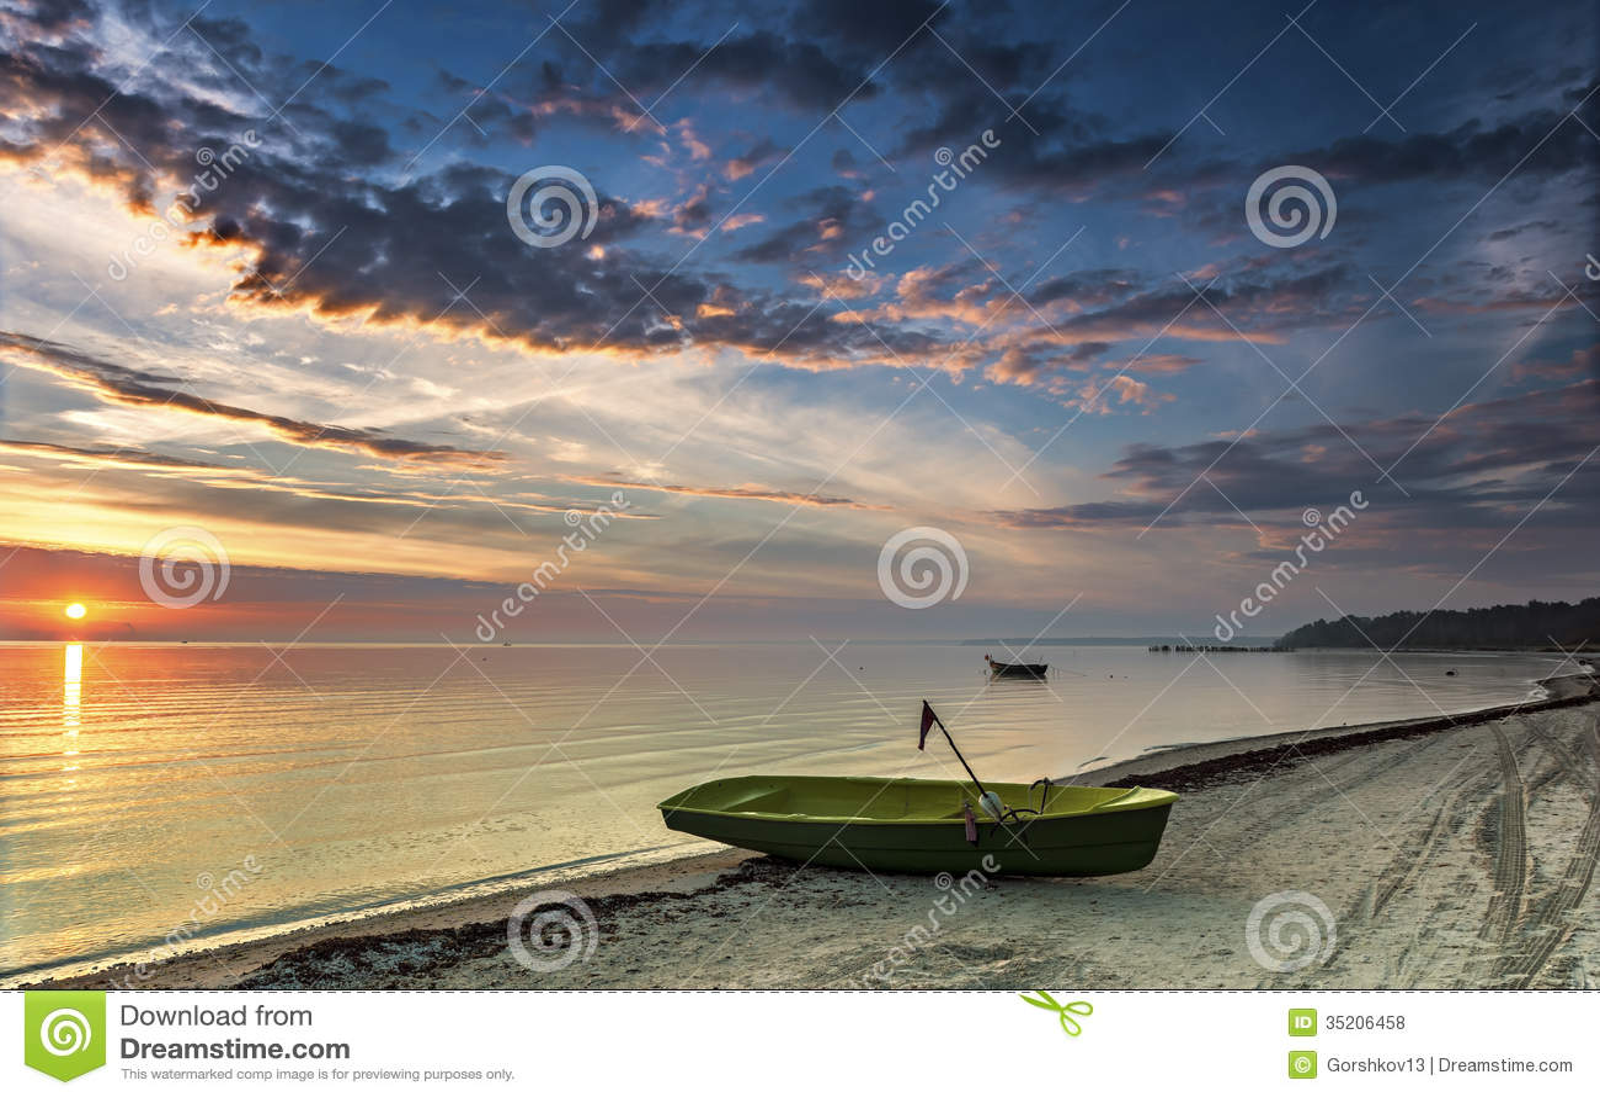 Fishing boats at sunrise,Latvia